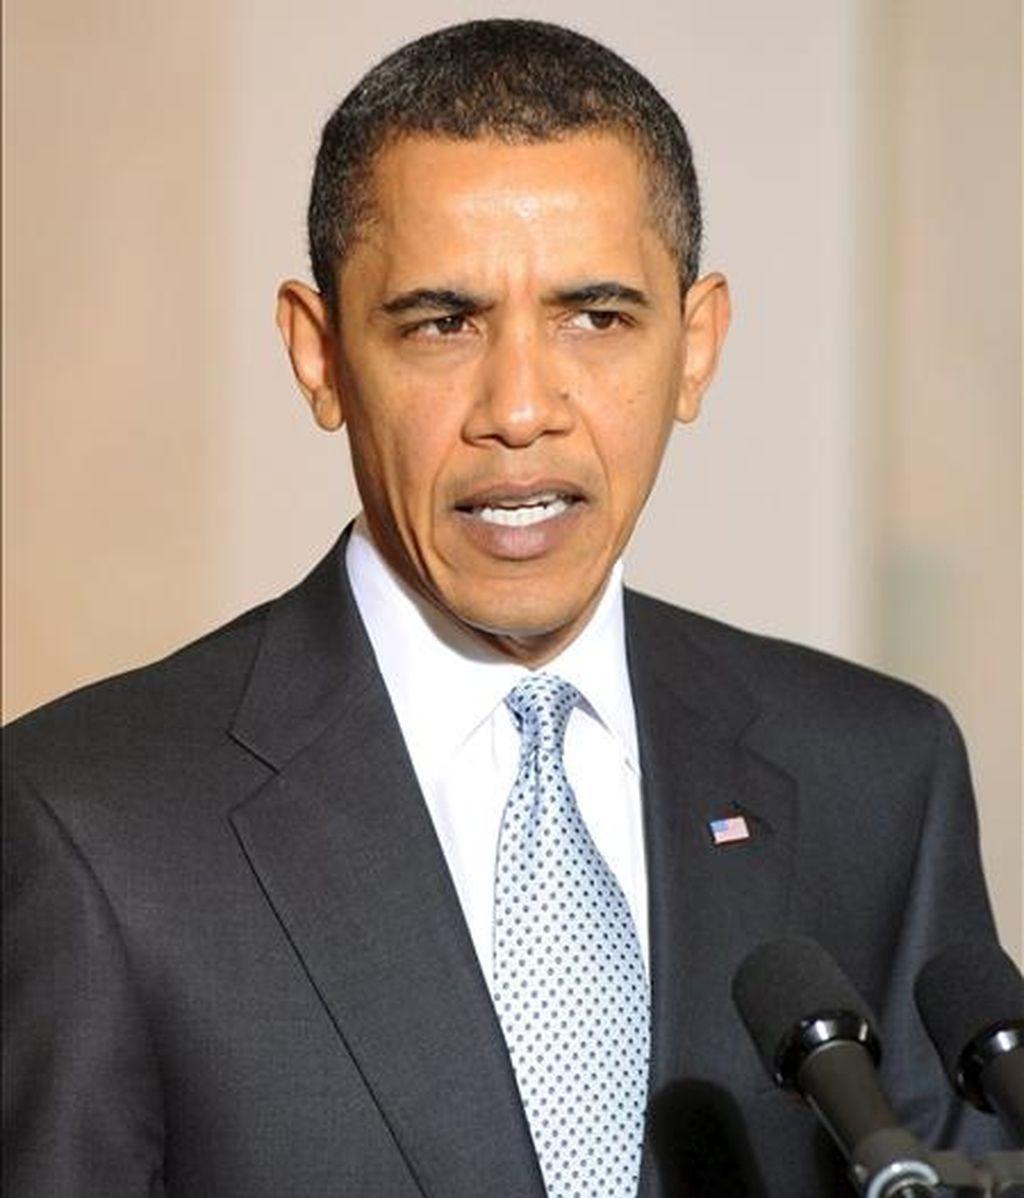 El presidente estadounidense, Barack Obama, hoy en la Casa Blanca en Washington. EFE